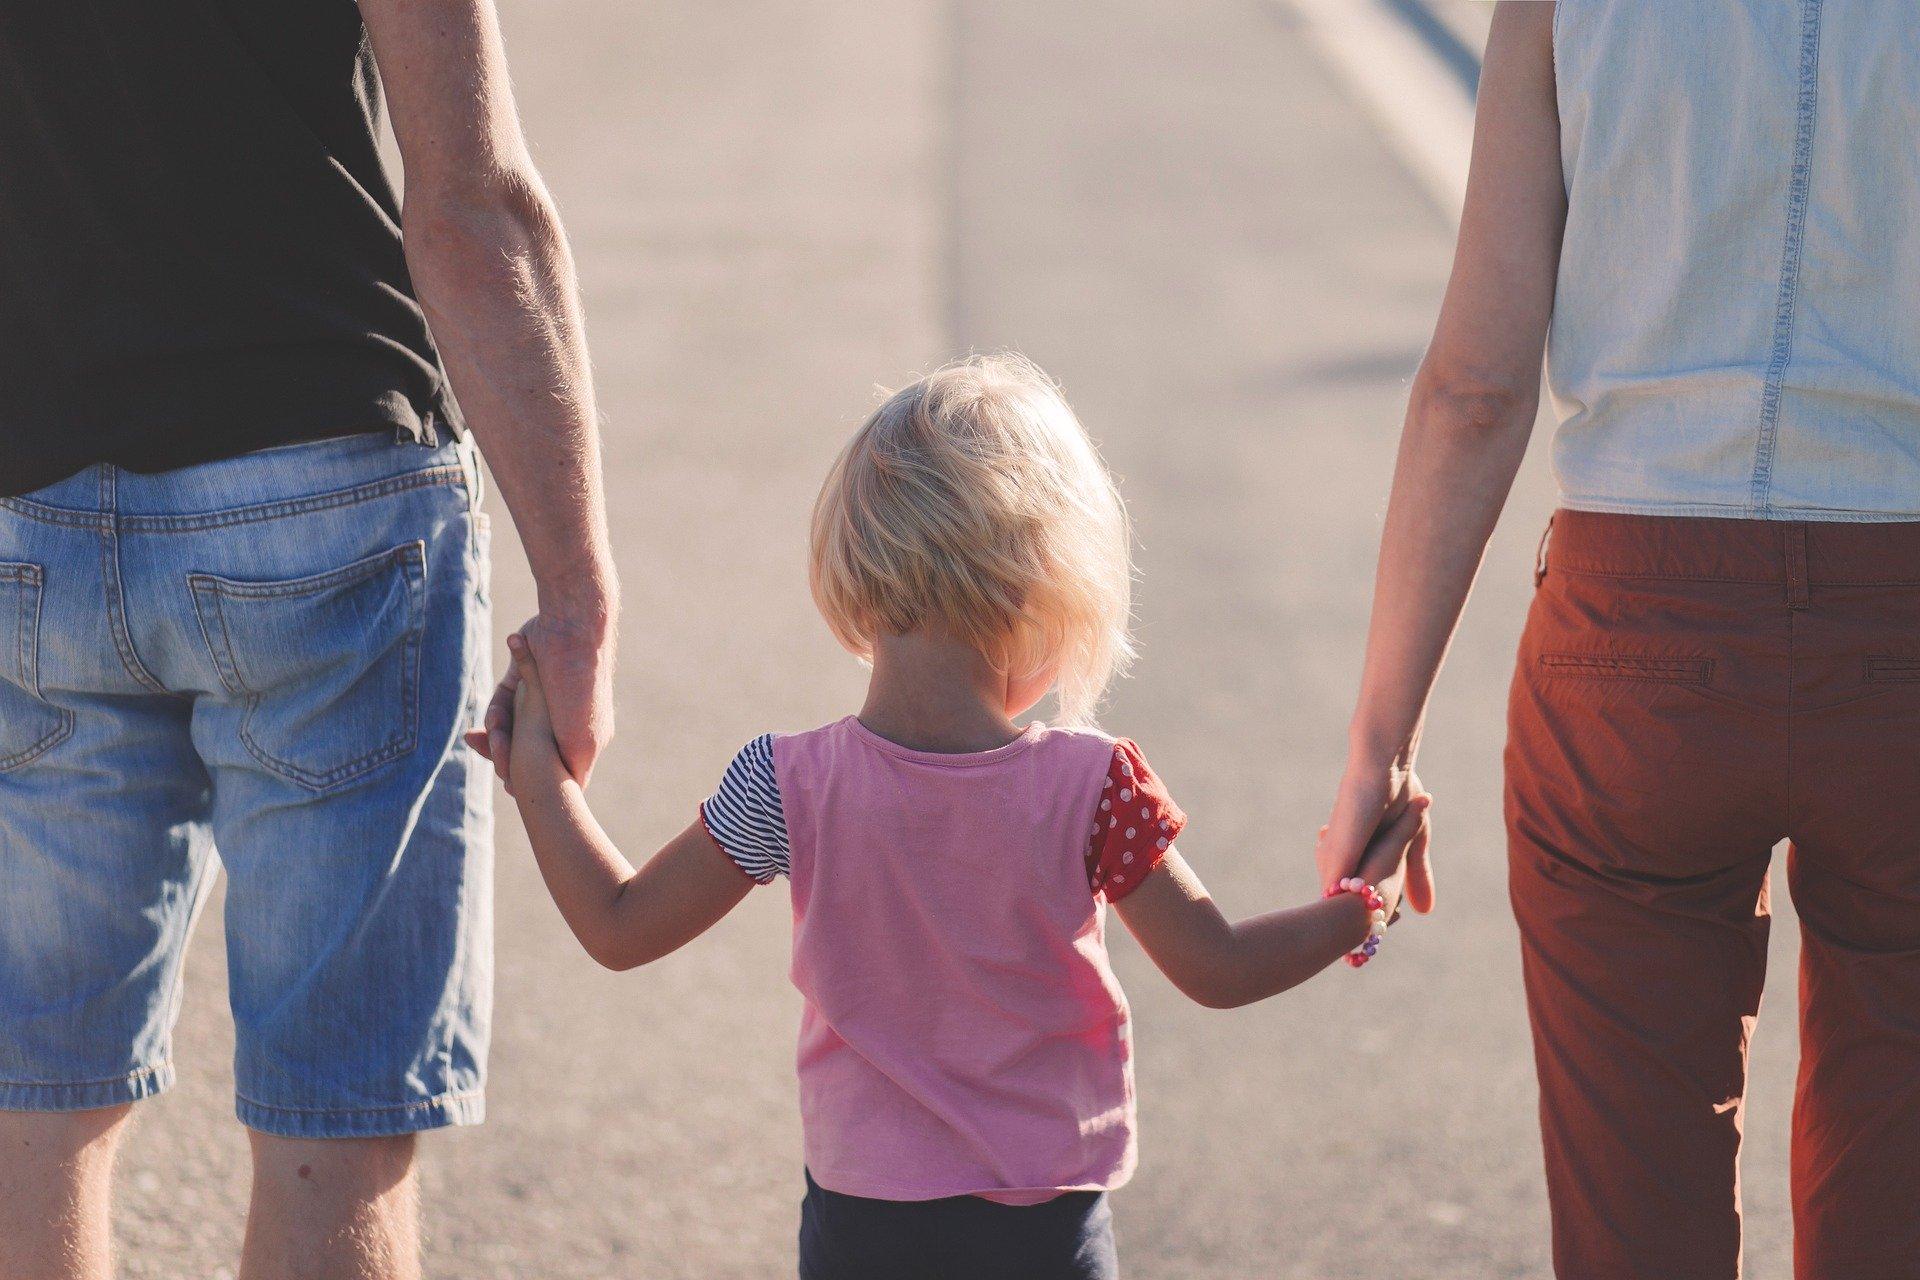 לגדל ילד בעל מוגבלויות: כיצד מתמודדים?